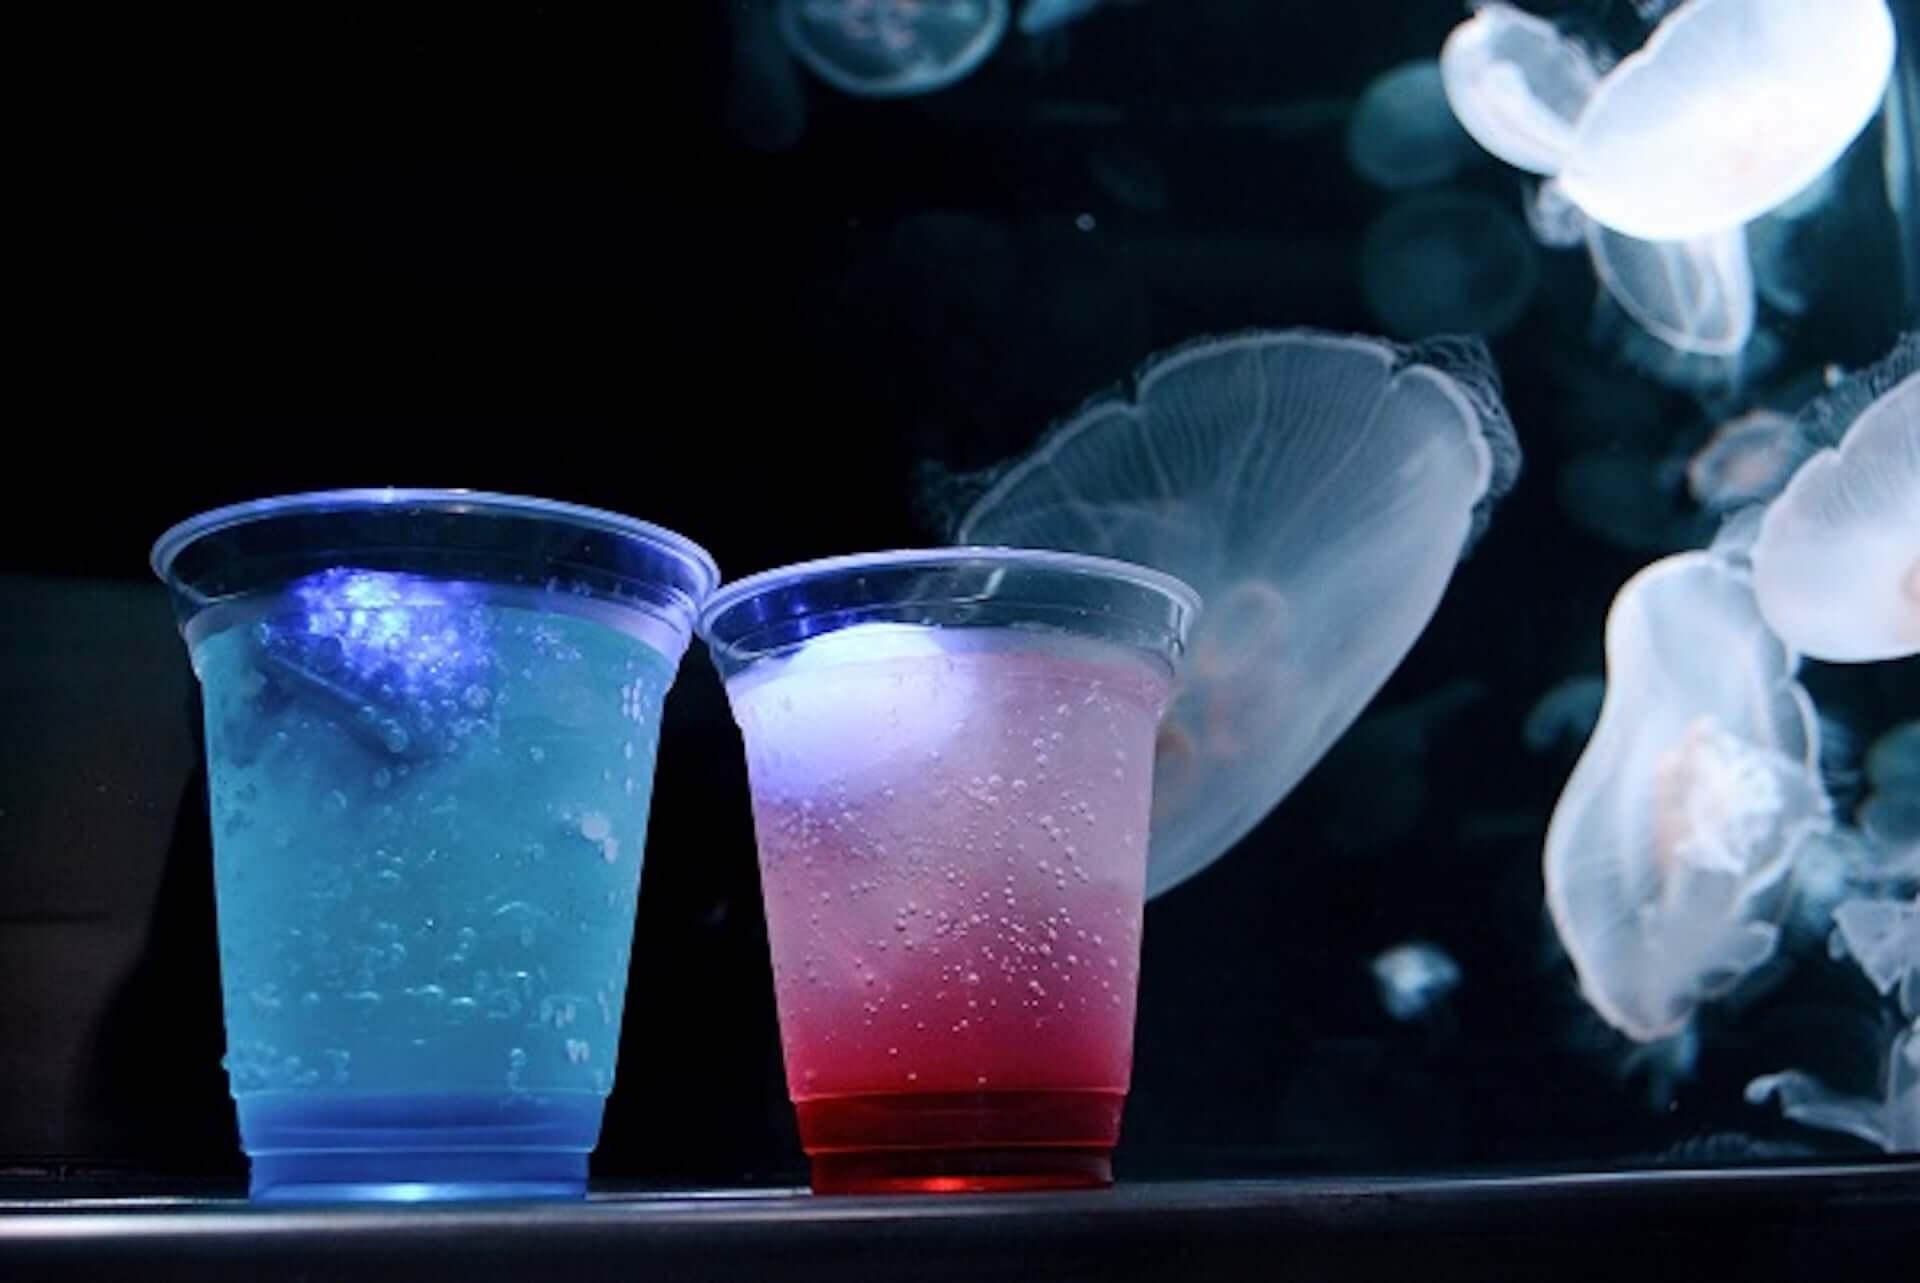 夏休みは京都水族館へ!夜限定イベント<夜のすいぞくかん>が今年も開催決定|イルカの新パフォーマンスも art200713_kyoto-aquarium_4-1920x1283